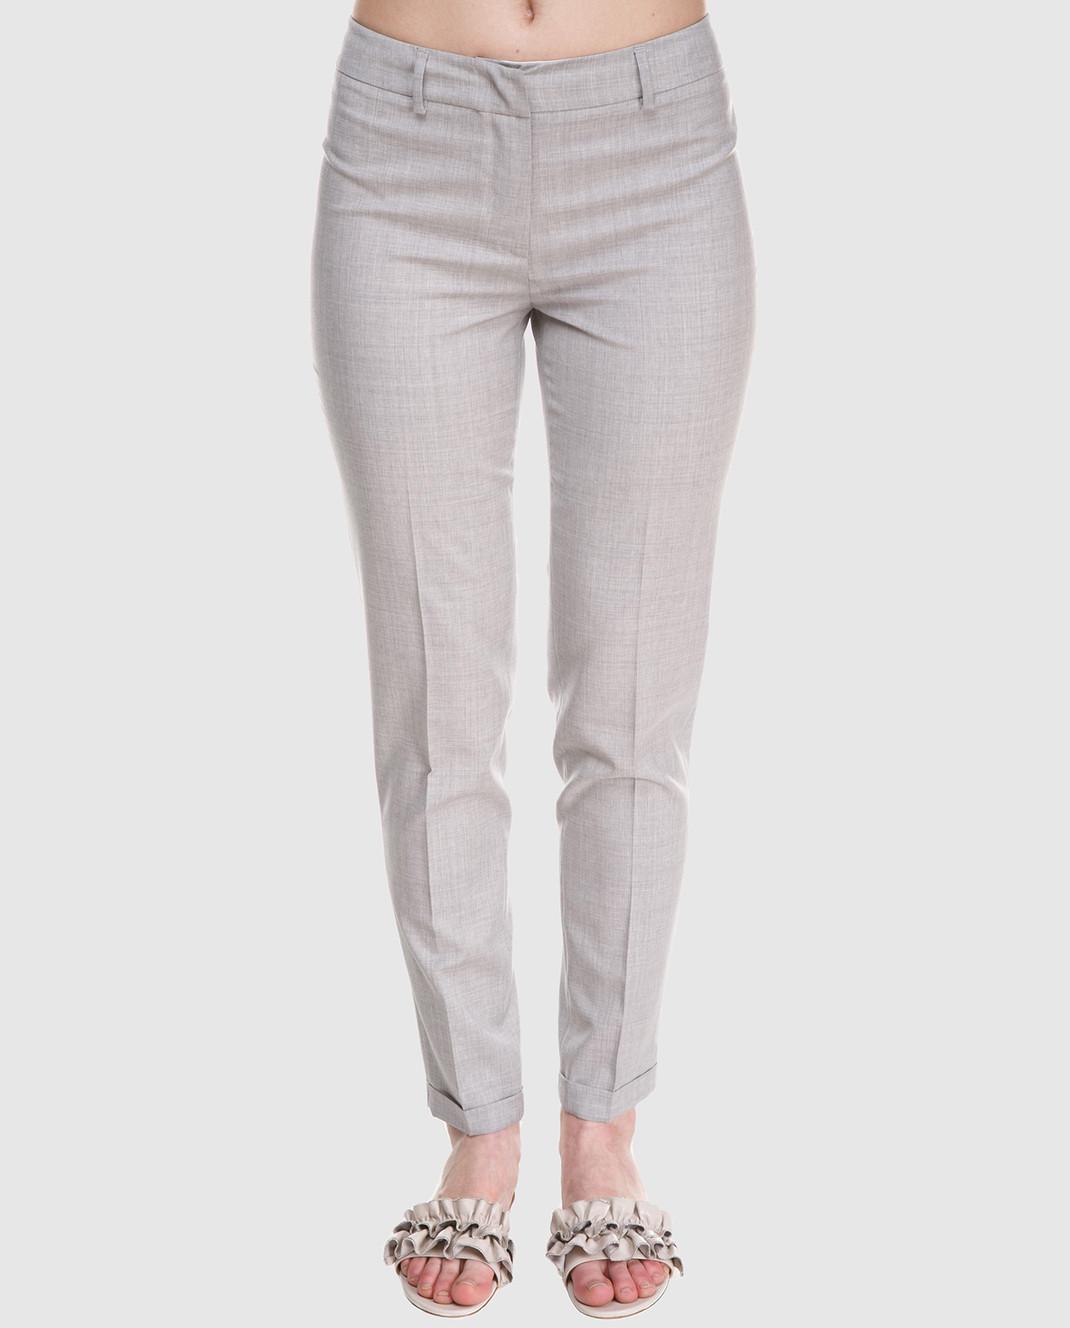 Fabiana Filippi Серые брюки из шерсти PG70118 изображение 3